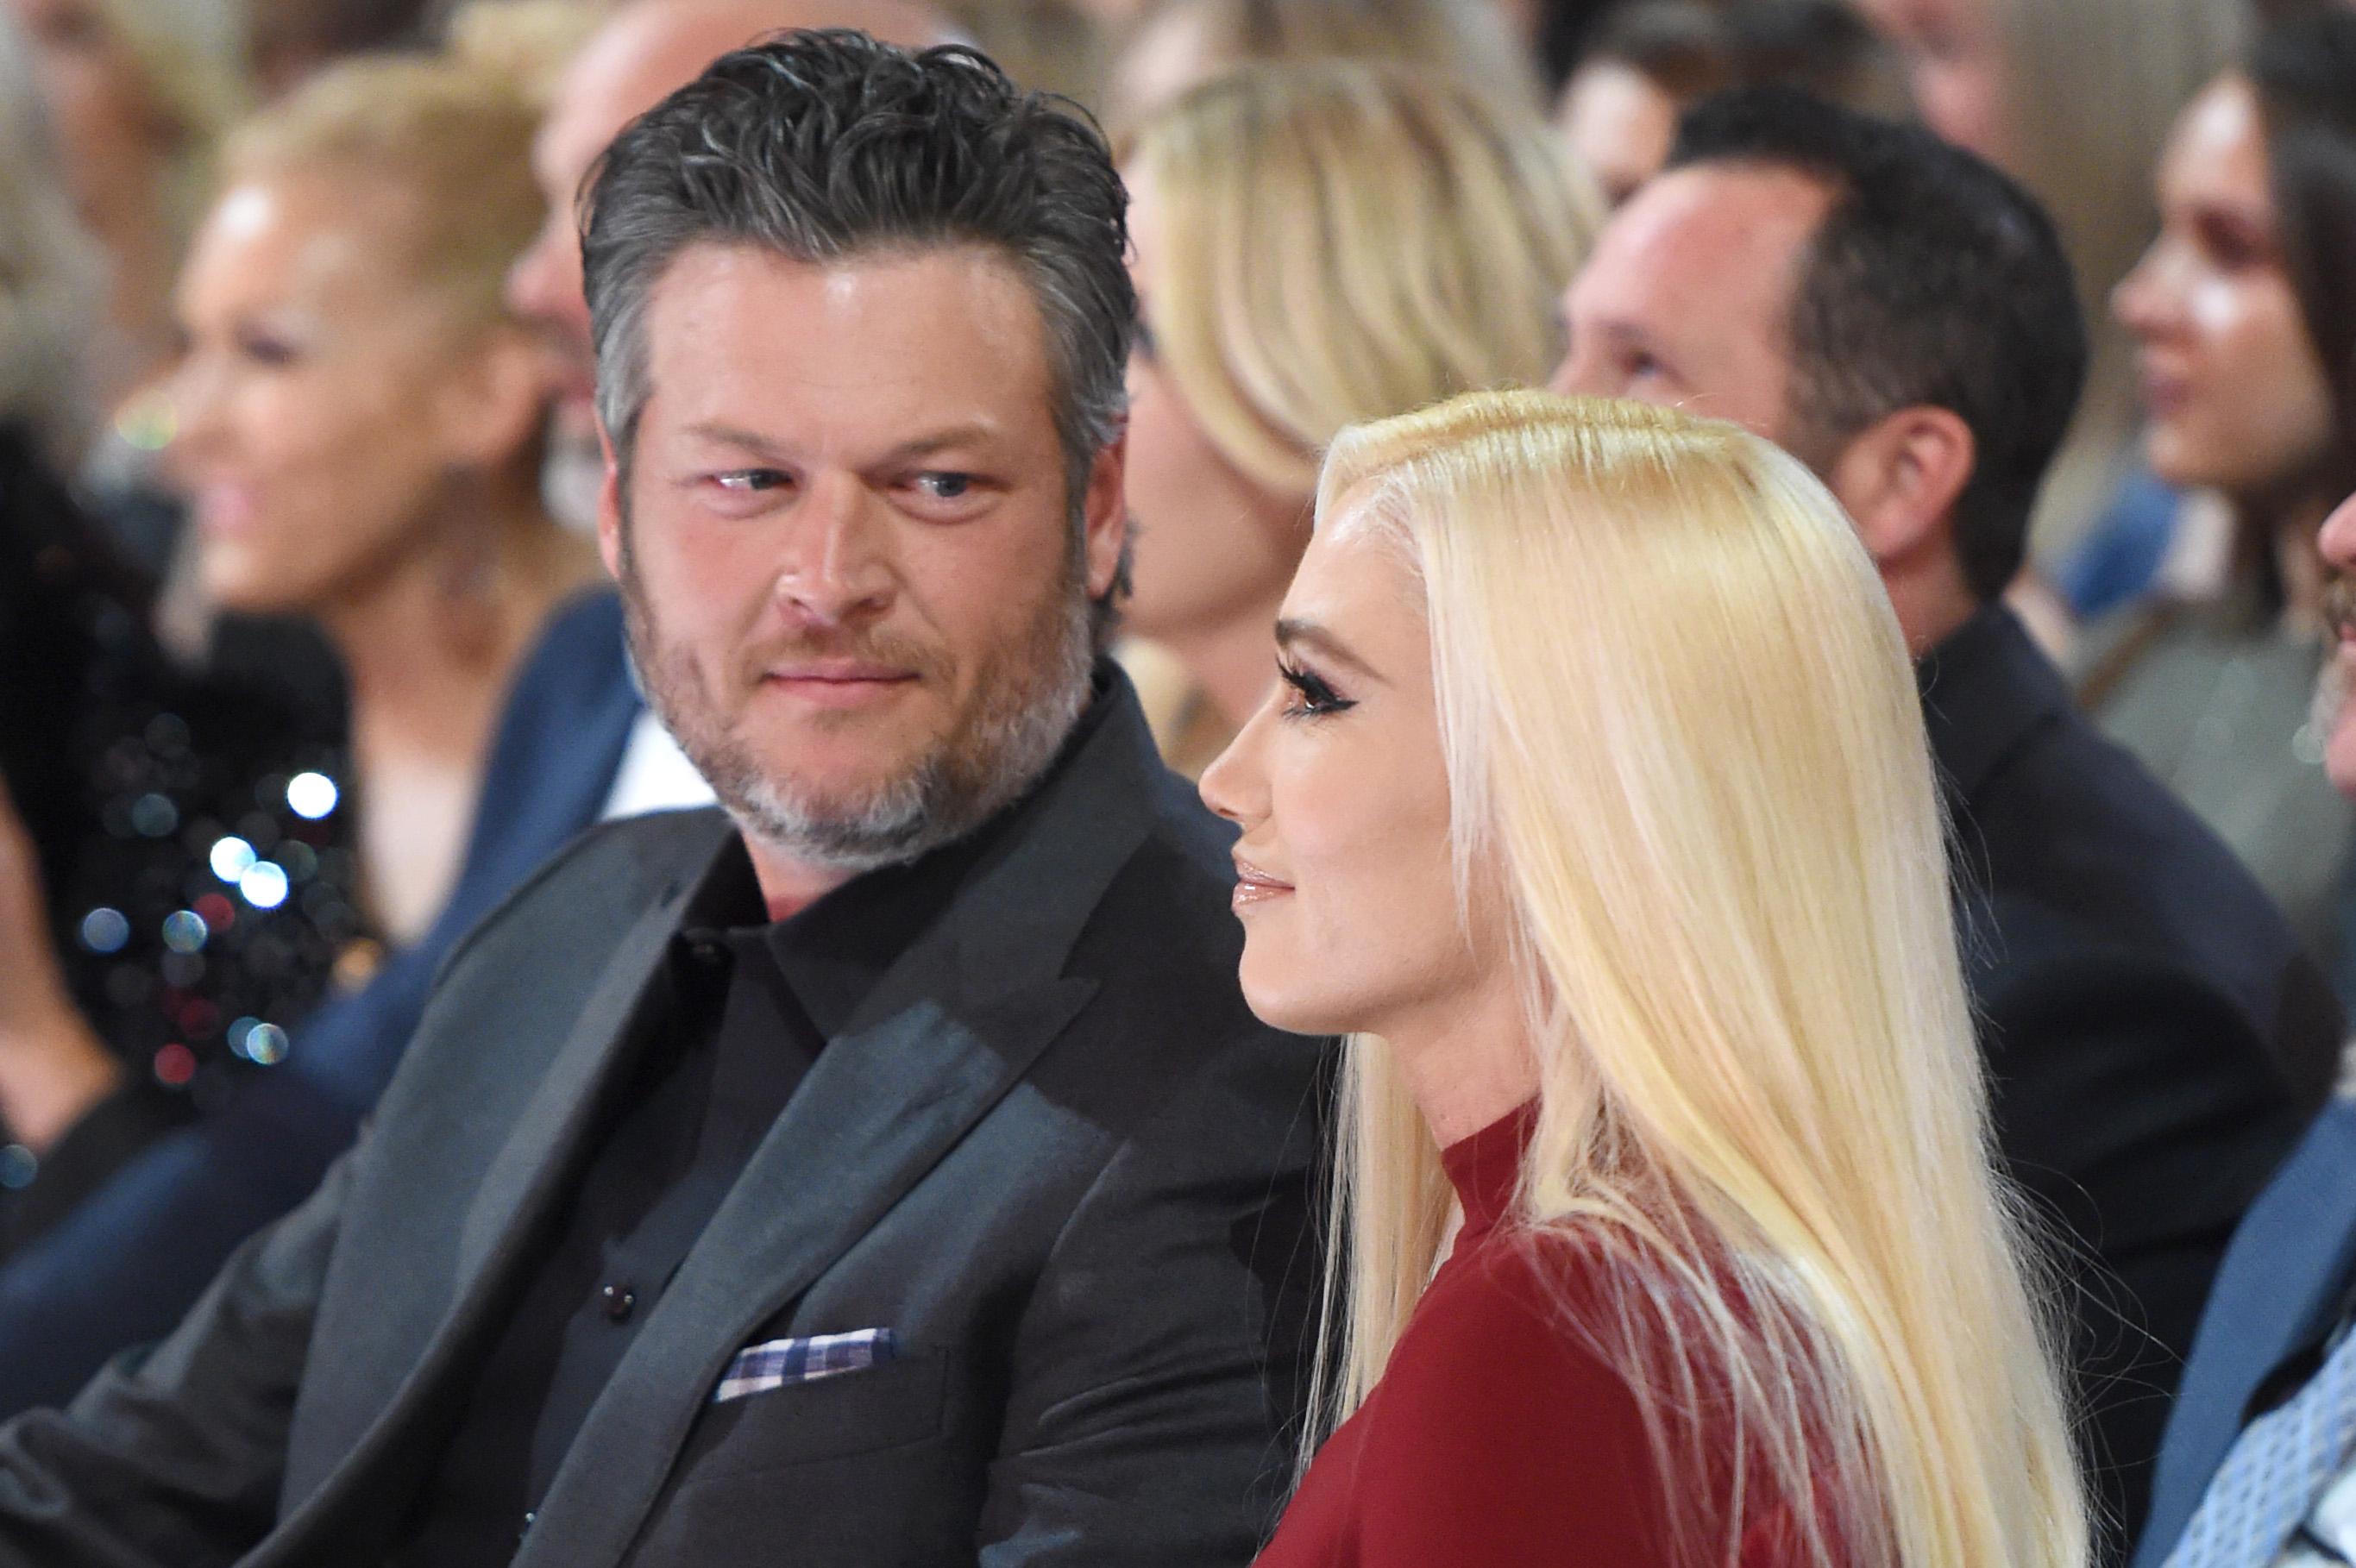 Blake Shelton And Gwen Stefani Wedding Pictures.Blake Shelton And Gwen Stefani S Marriage Is Already In Crisis